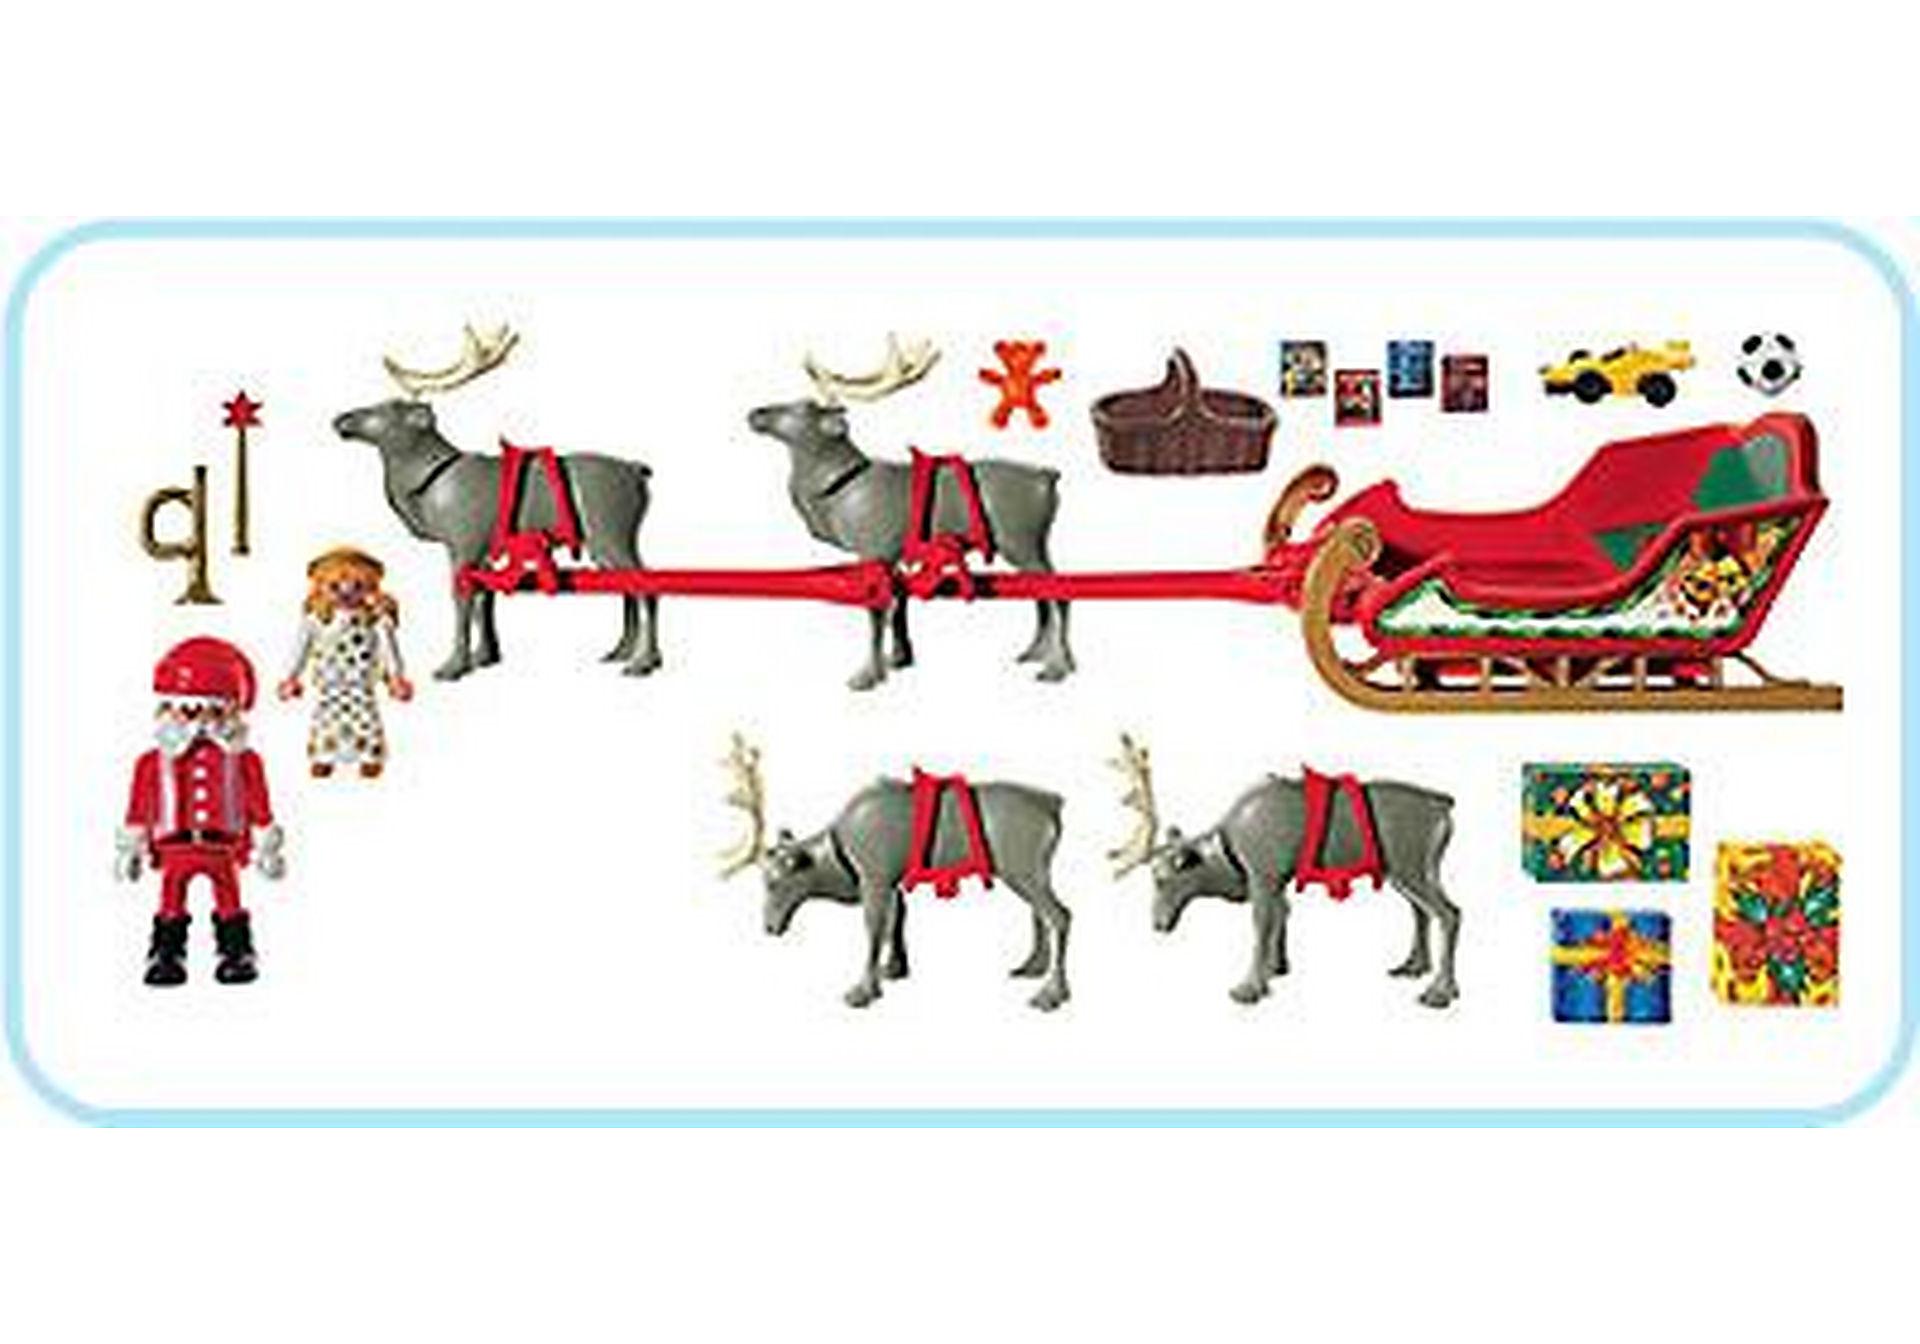 3604-A Rentierschlitten/Santa Claus zoom image2